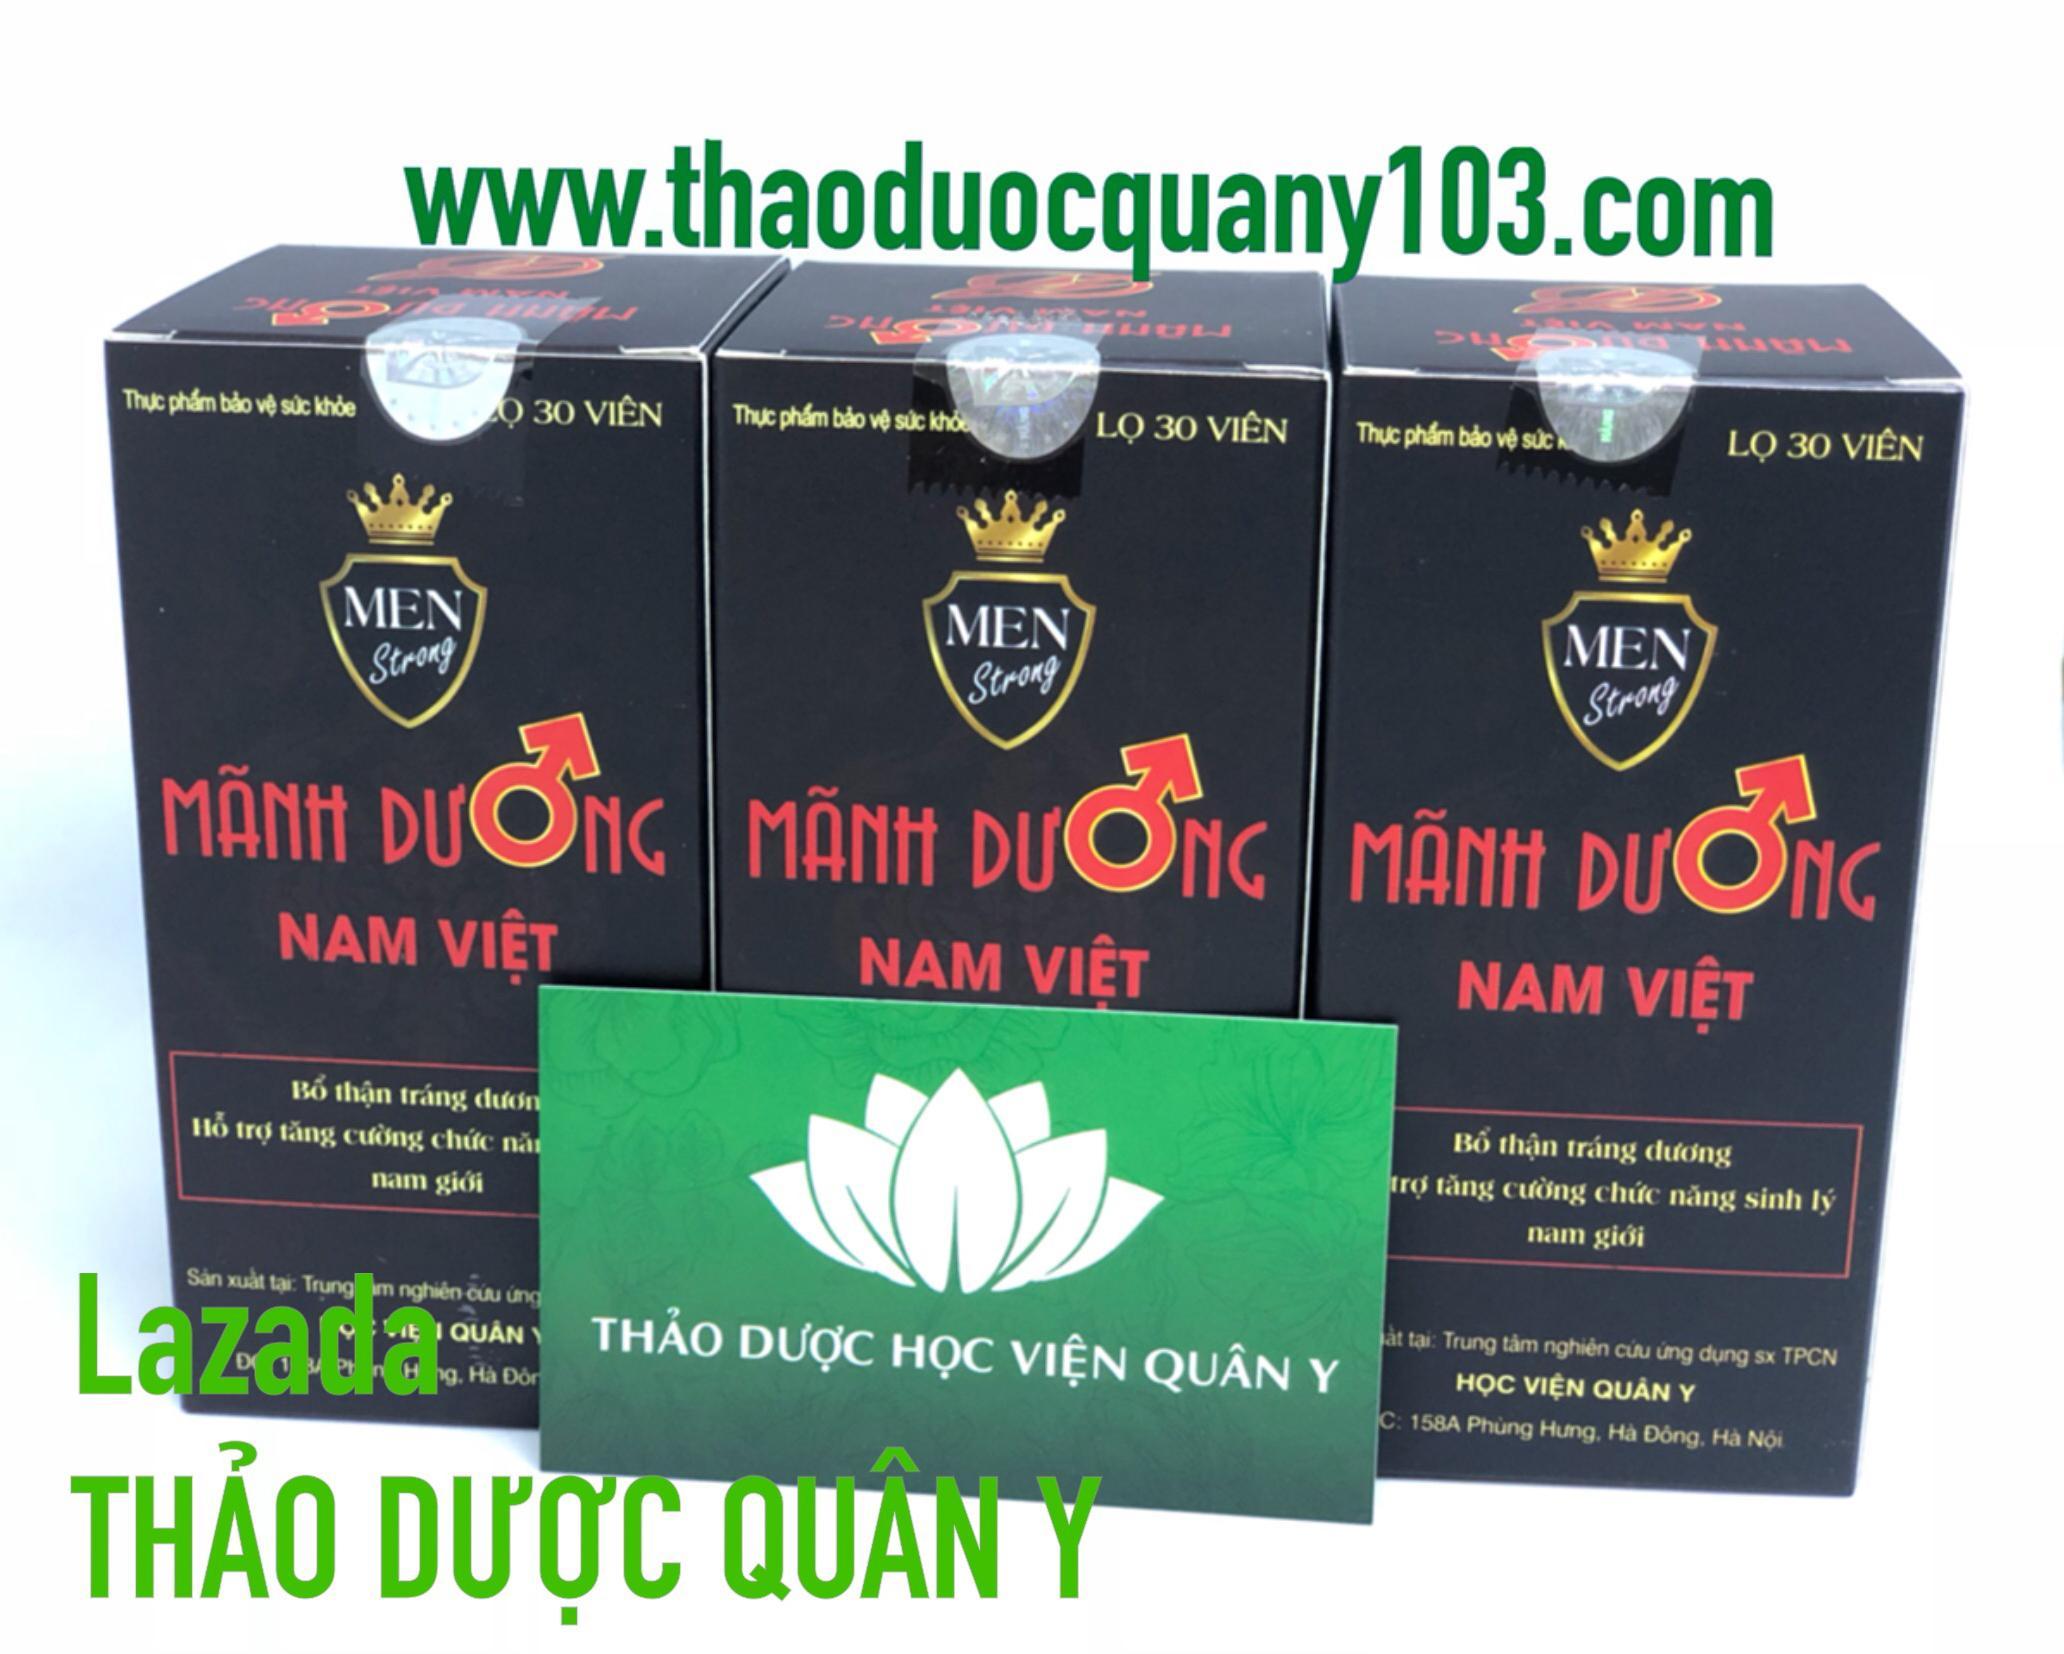 03 hộp Mãnh Dương Nam Việt - HVQY